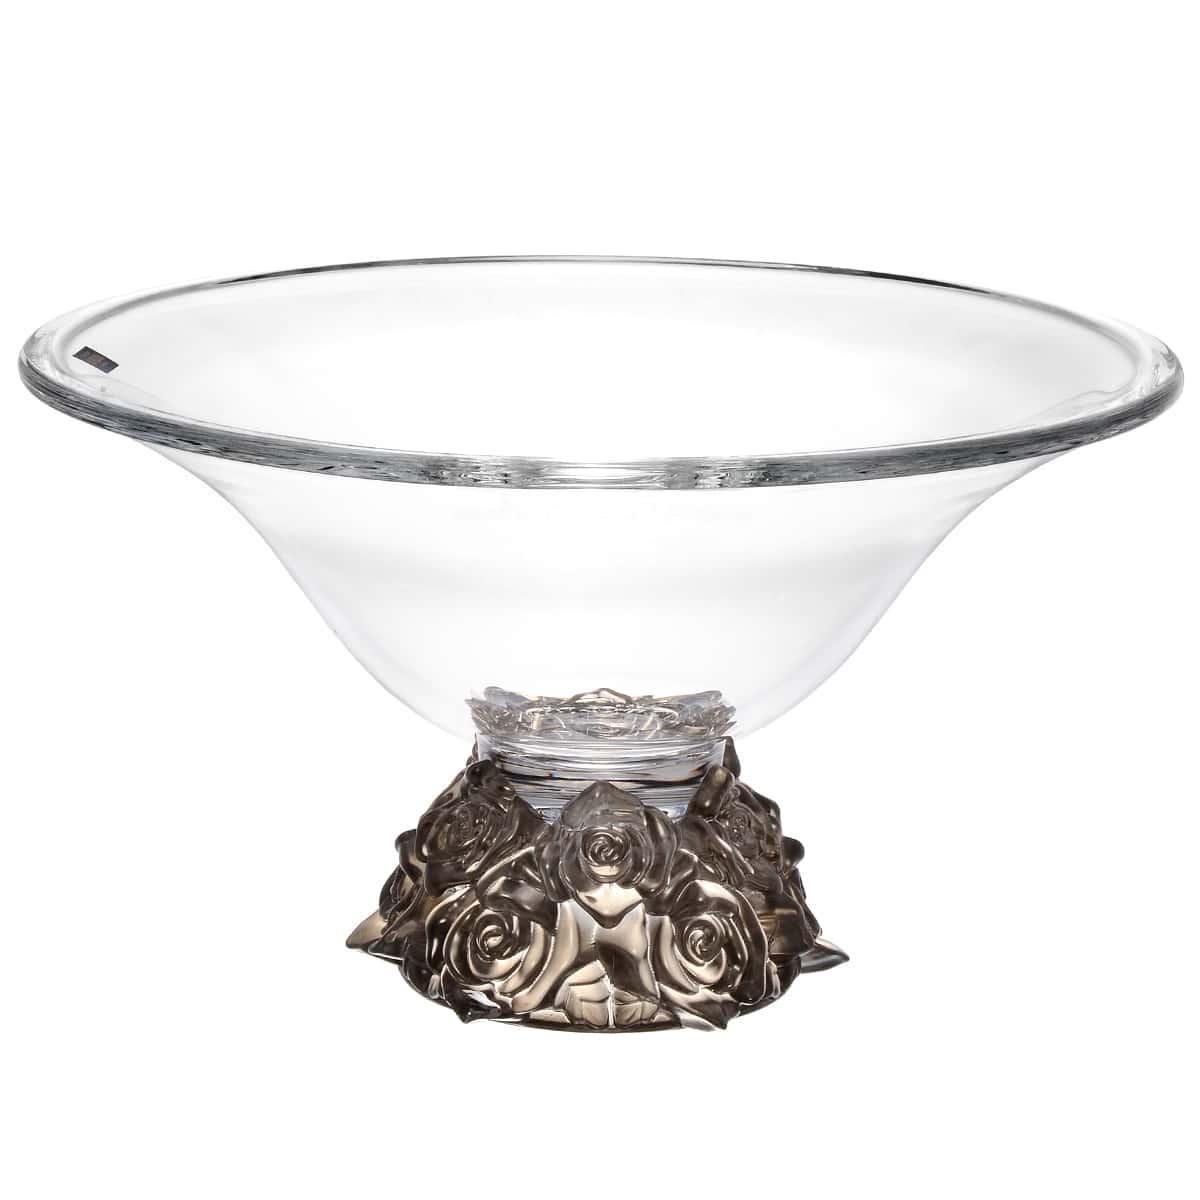 Фруктовница 35 см Фрост Розы Кристалайт Богемия